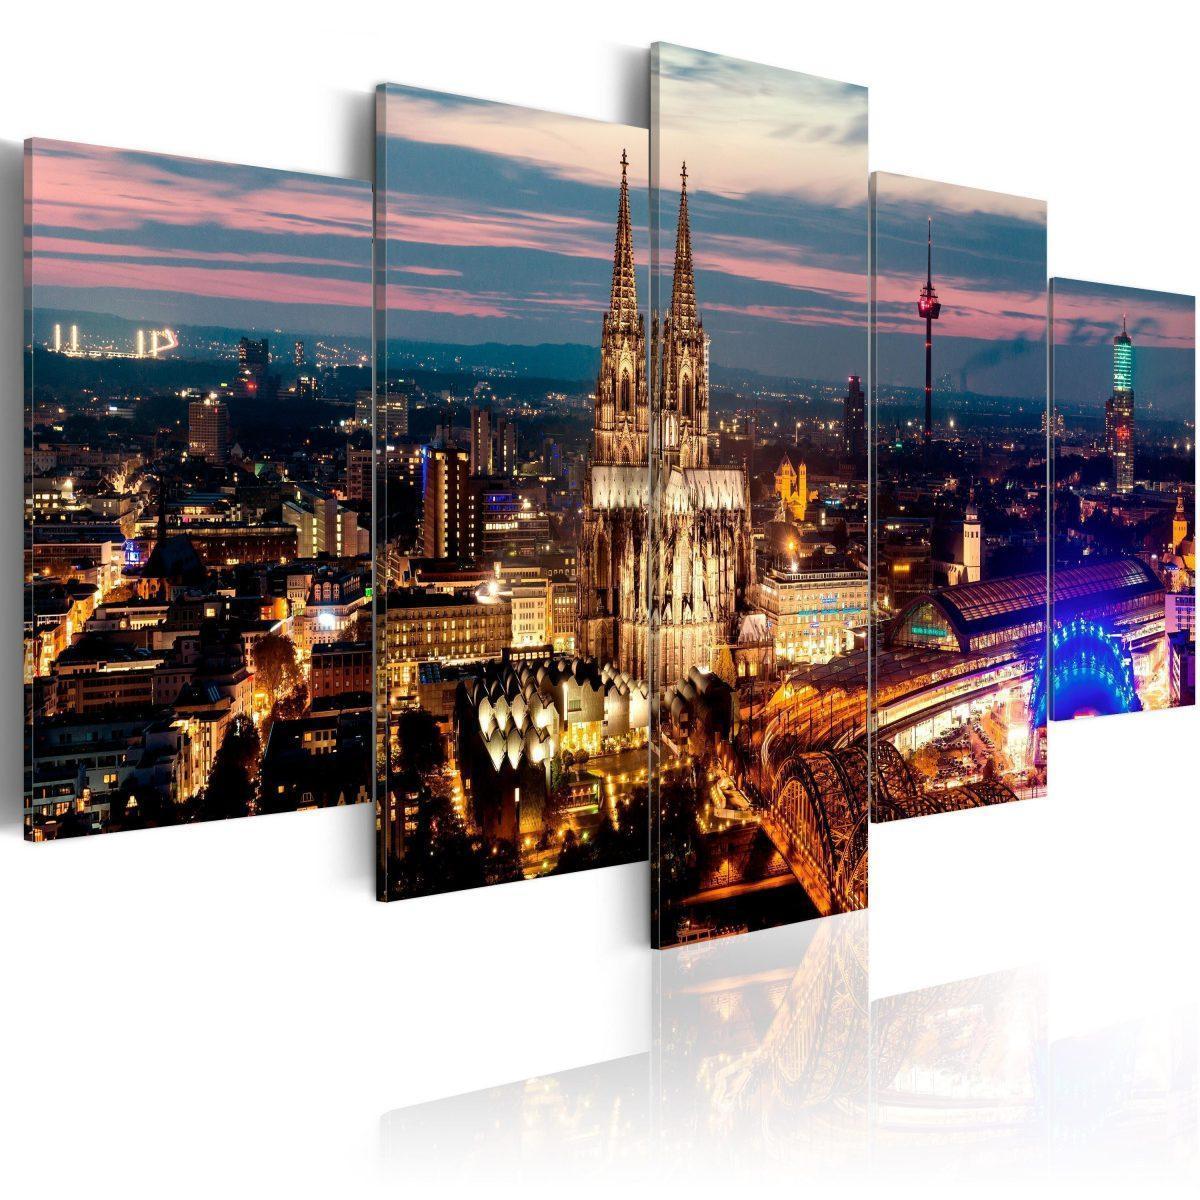 Canvas Tavla - Koeln: Night Panorama - 100x50